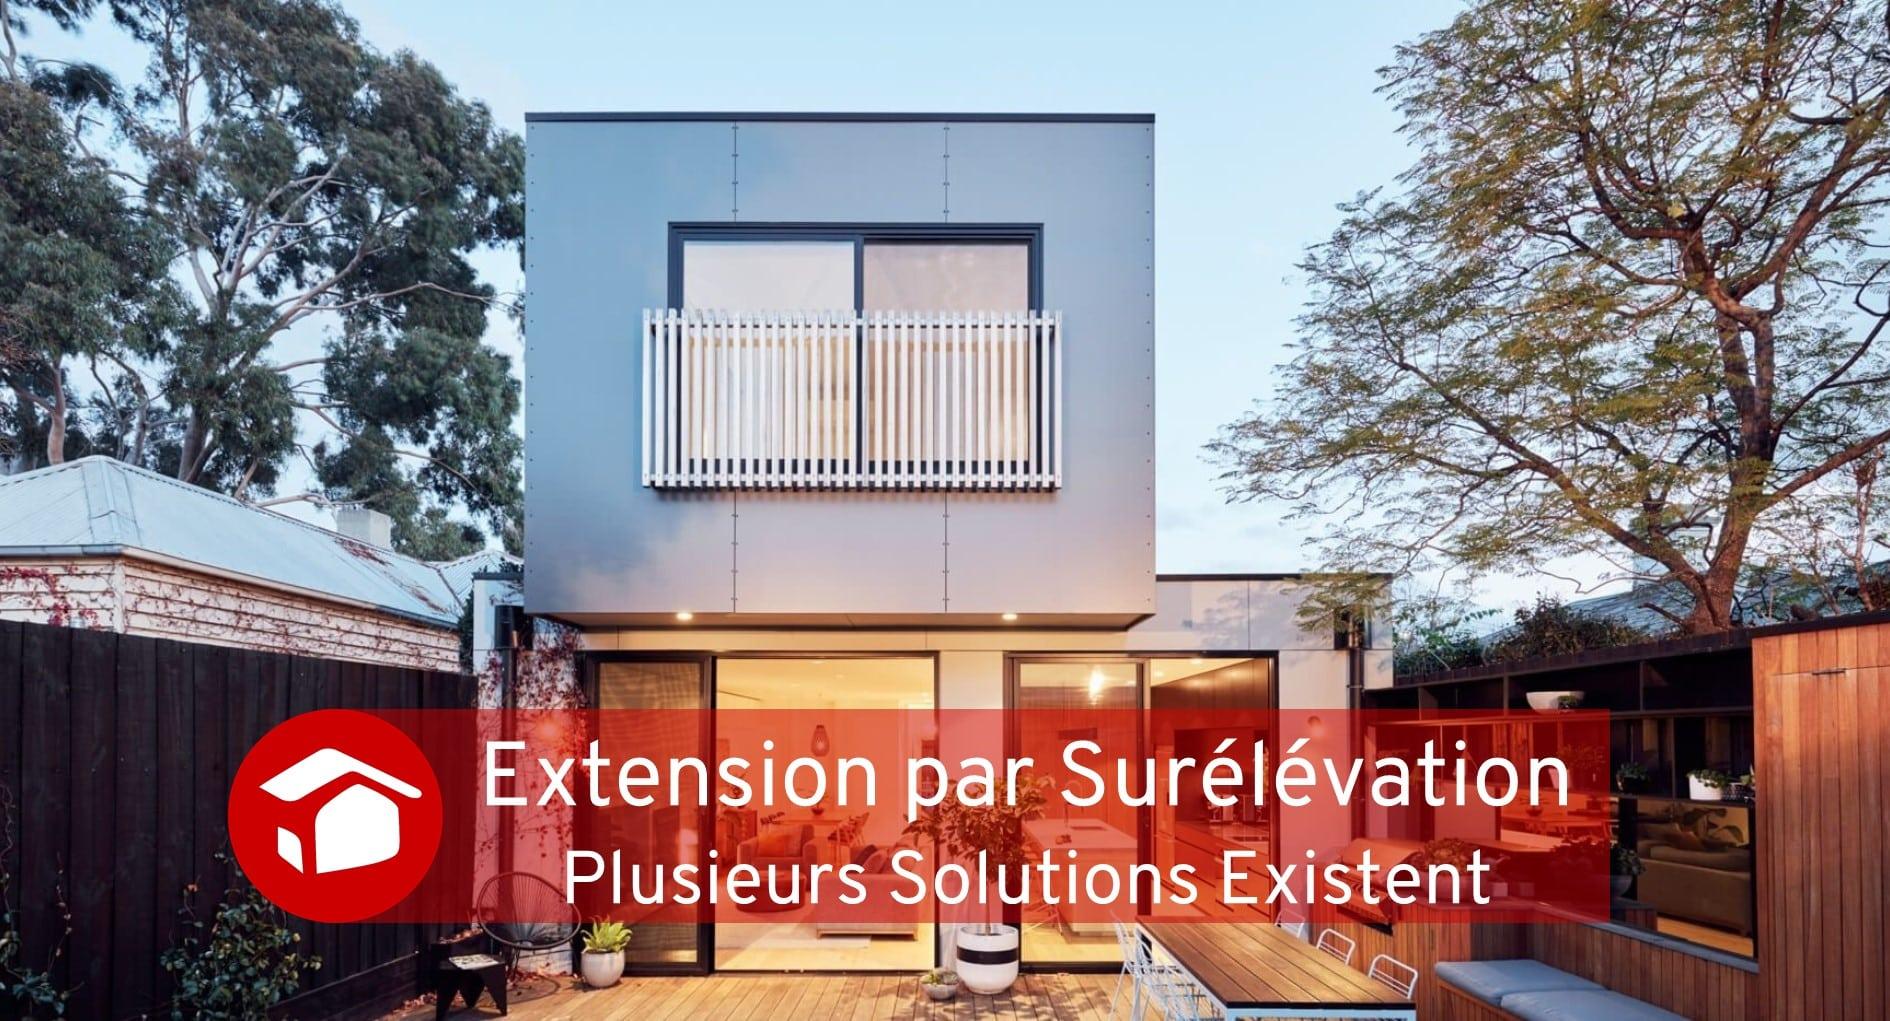 Extension par Surélévation Courtier Travaux Meilleur Projet